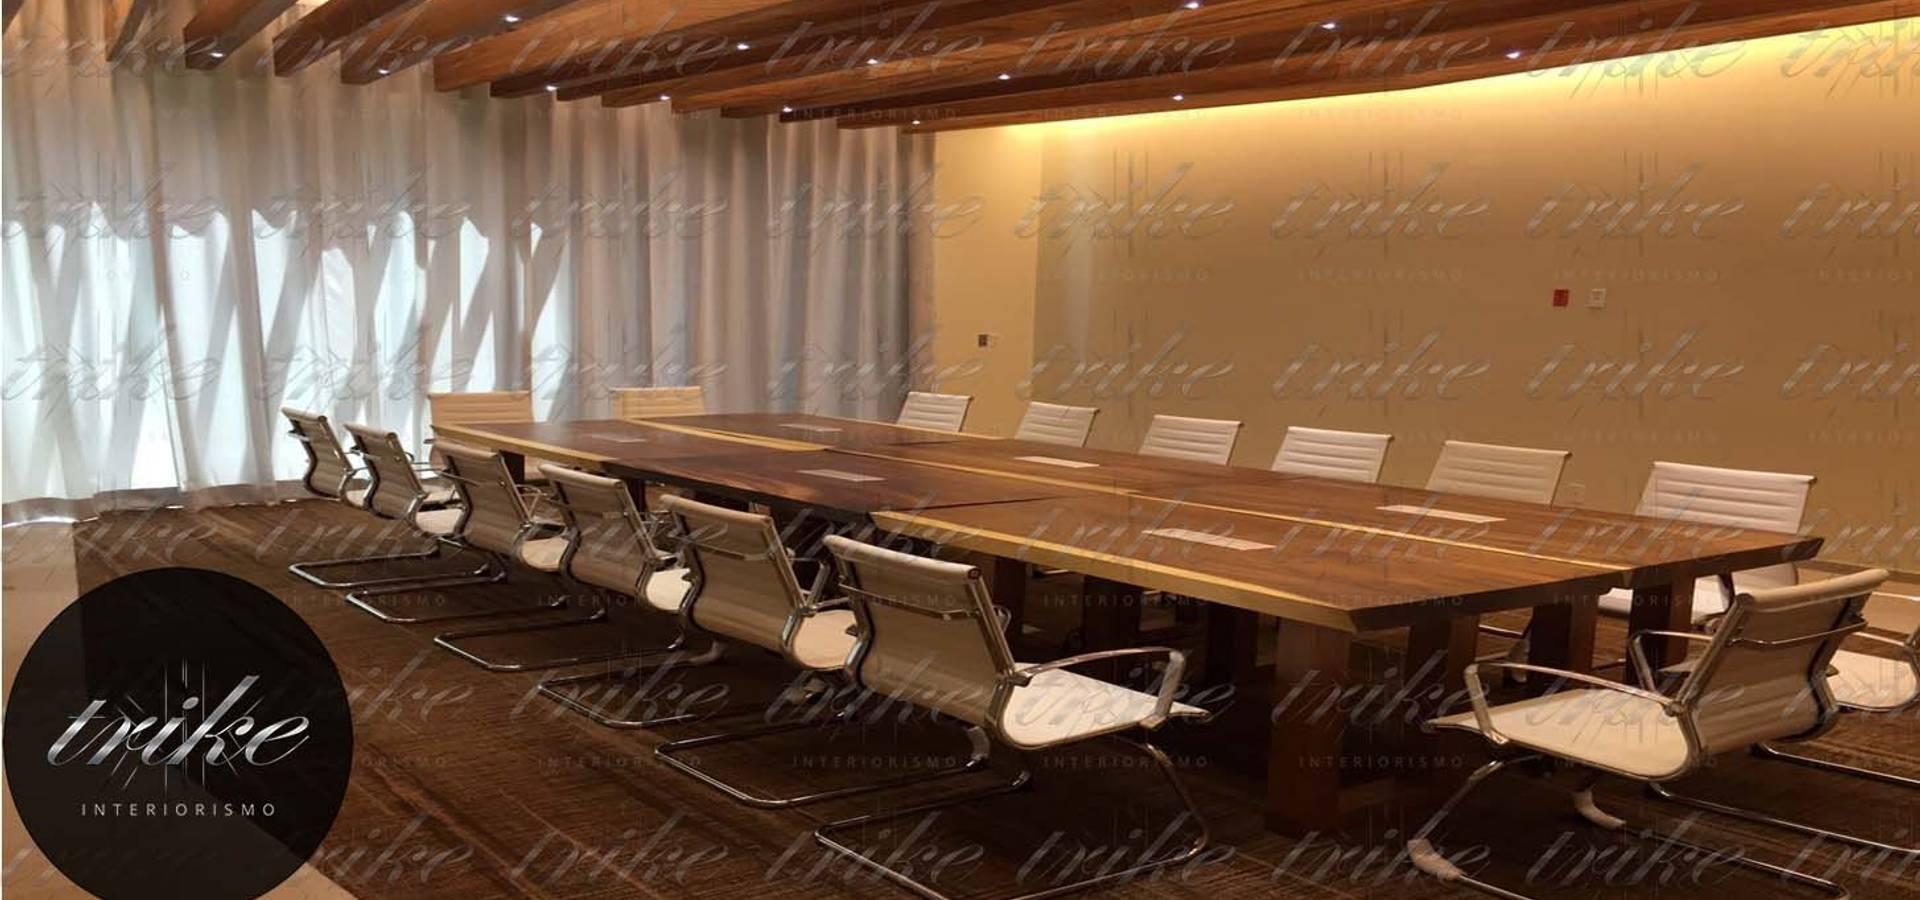 Trike Interiorismo Muebles Y Accesorios En Cuernavaca Homify # Muebles Cuernavaca